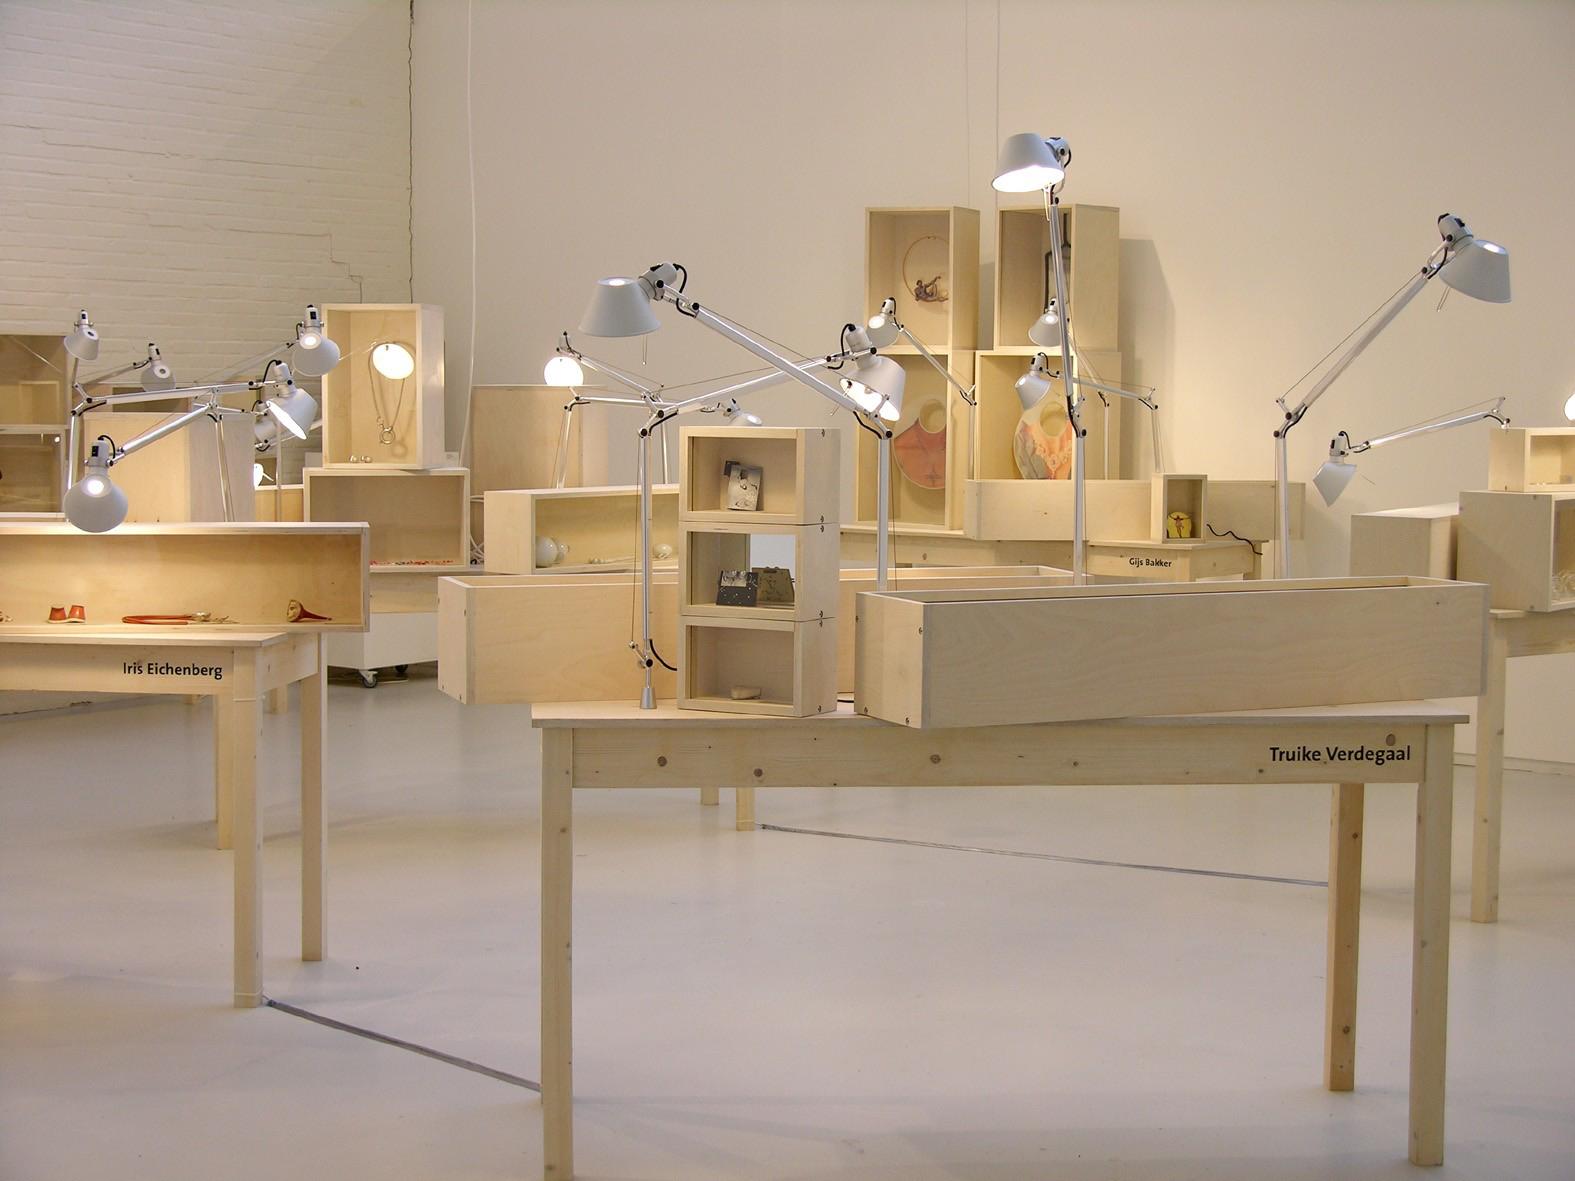 Sterke Verhalen, hedendaagse verhalende sieraden uit Nederland, SMS, 2006. Foto (met dank aan) Liesbeth den Besten©